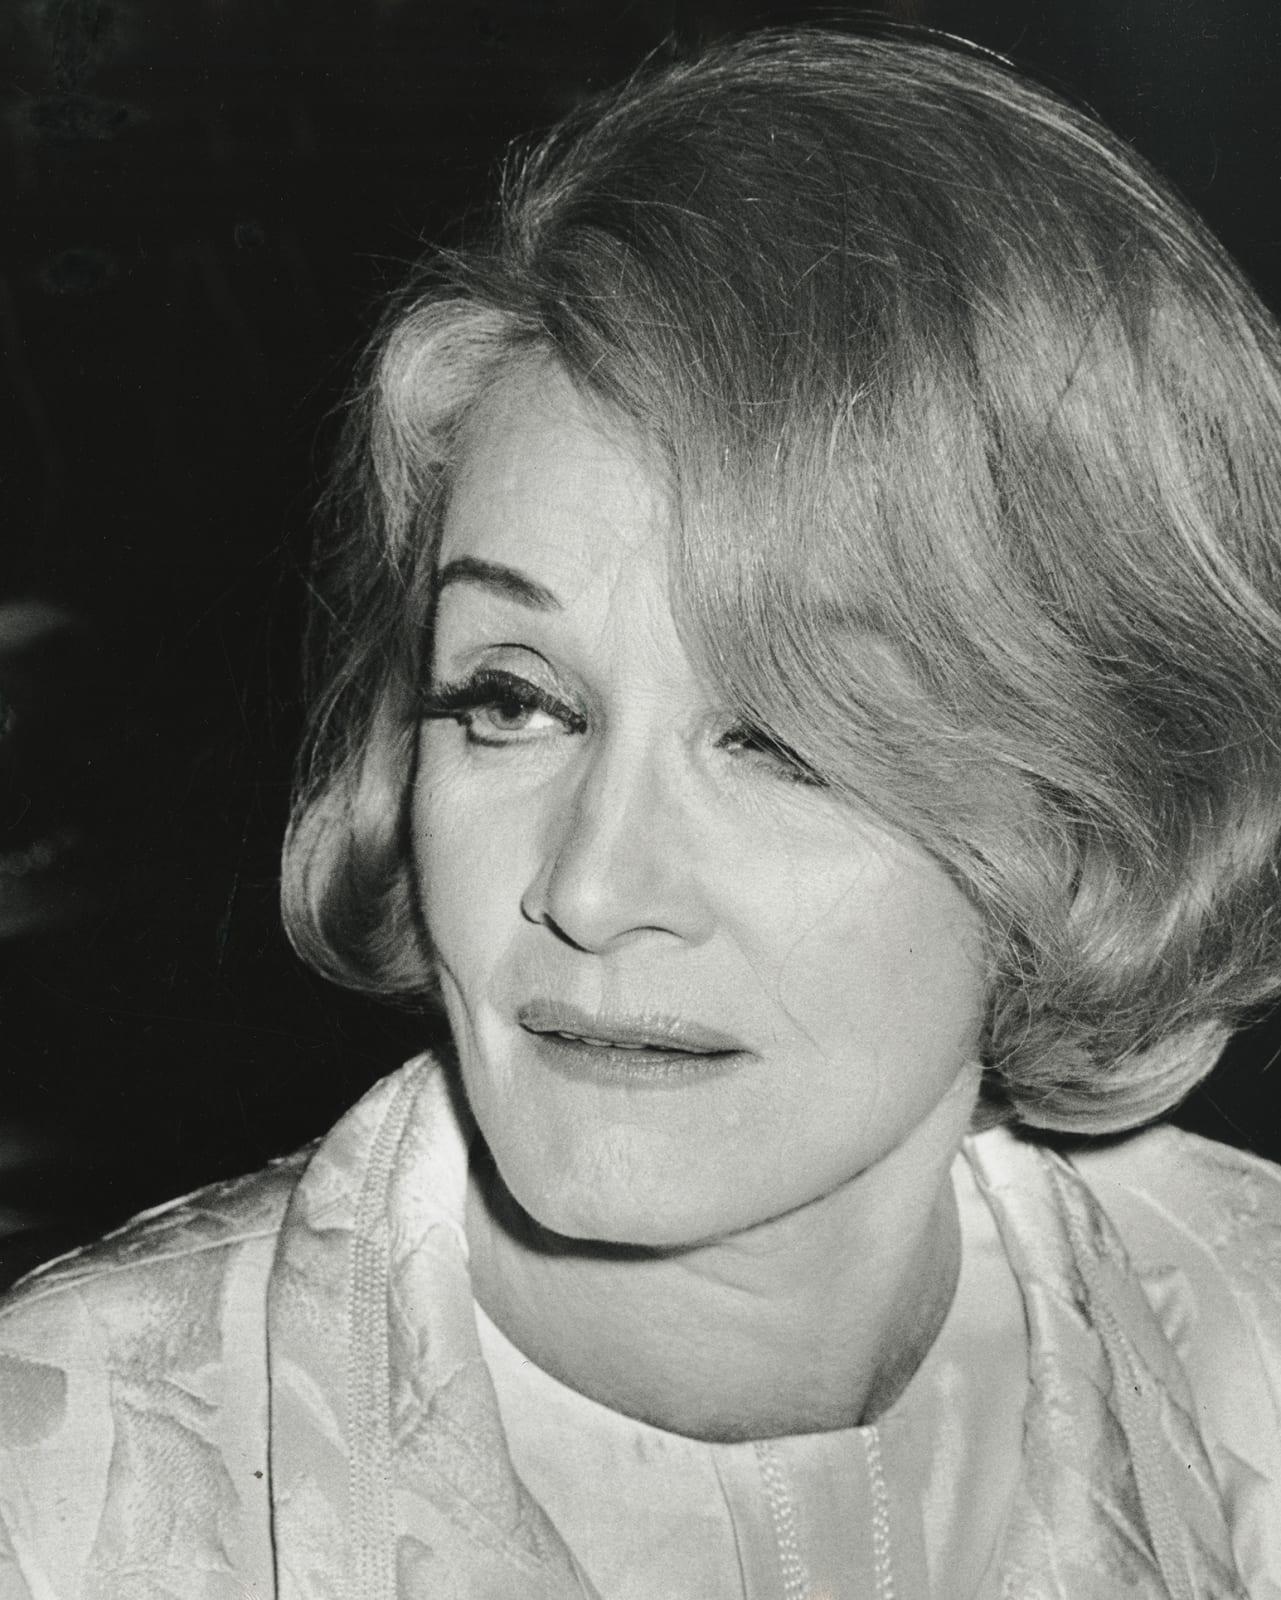 Ron Galella, Marlene Dietrich, New York, 1967